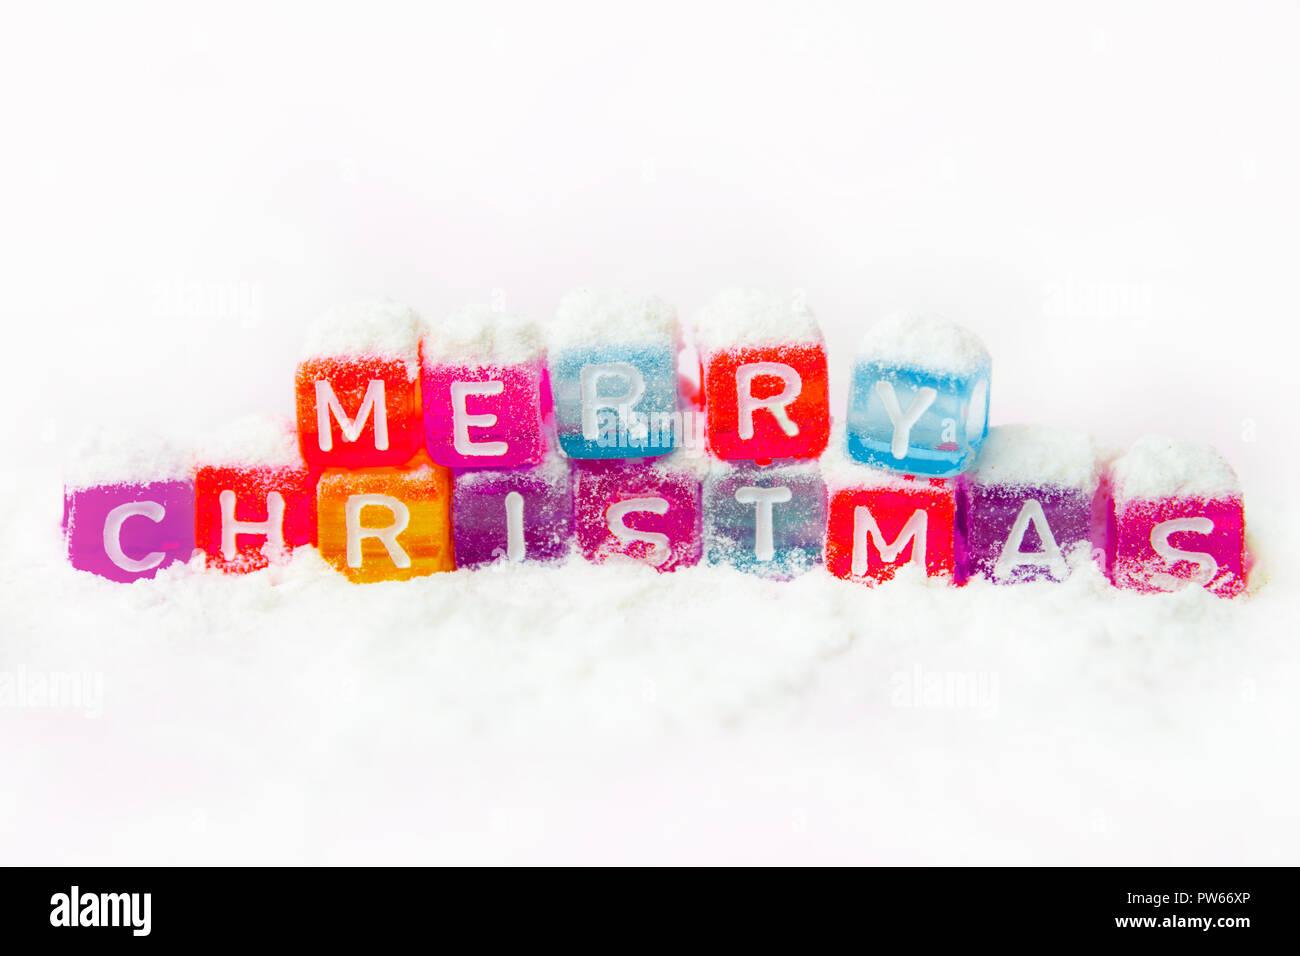 Weihnachten Wörter.Wörter Frohe Weihnachten Aus Bunte Buchstaben Auf Weißem Hintergrund